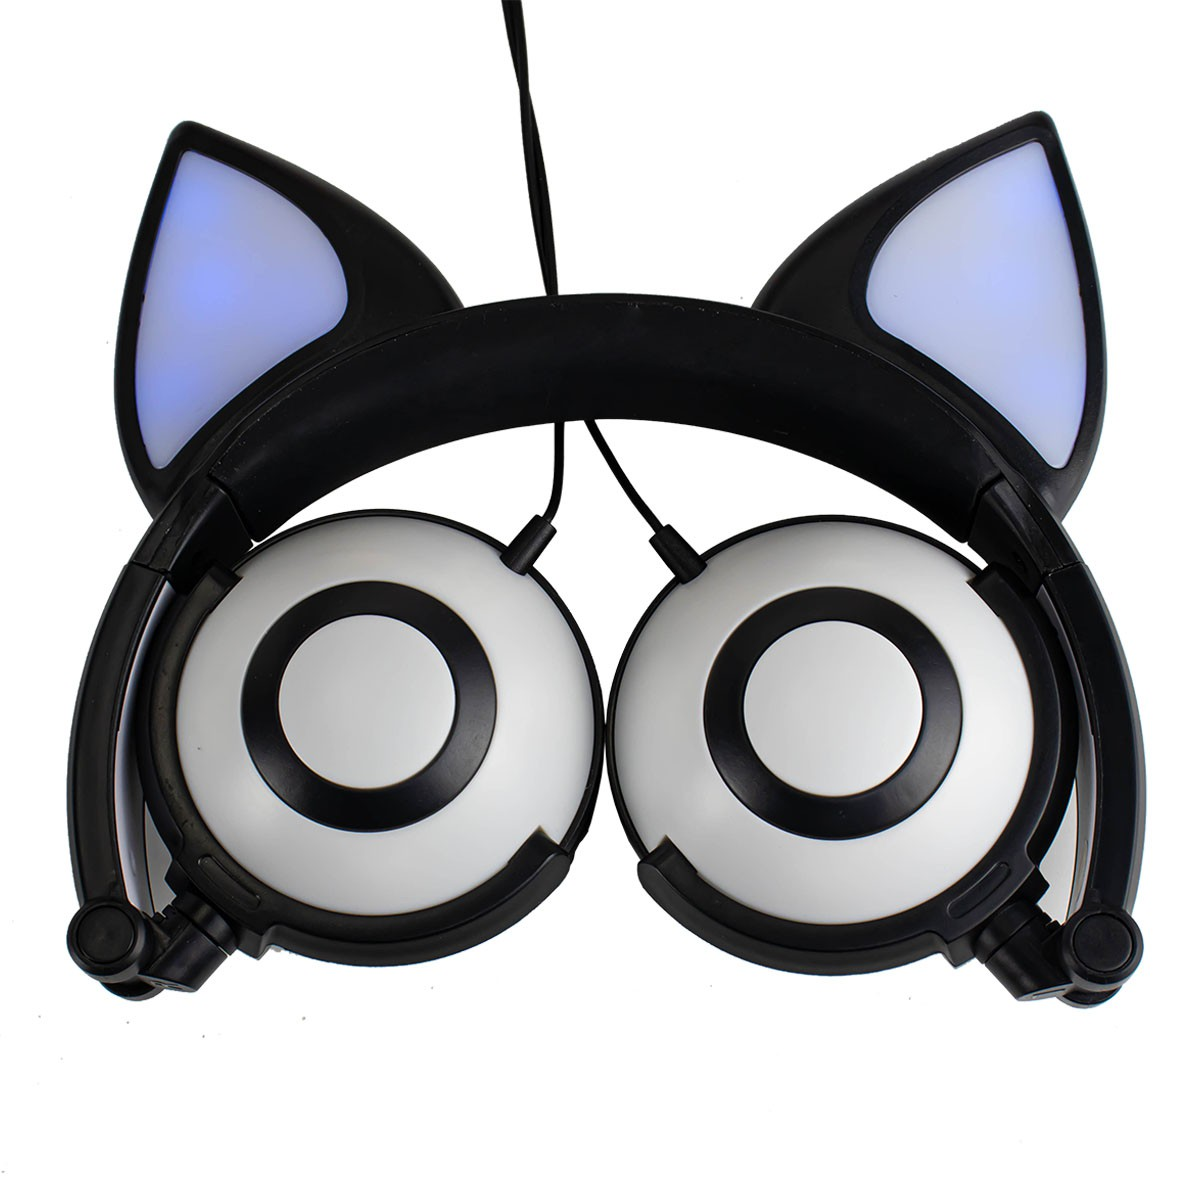 Fone de Gatinho Tipo P2 Headphone Orelha de Gato com LED Exbom HF-C30